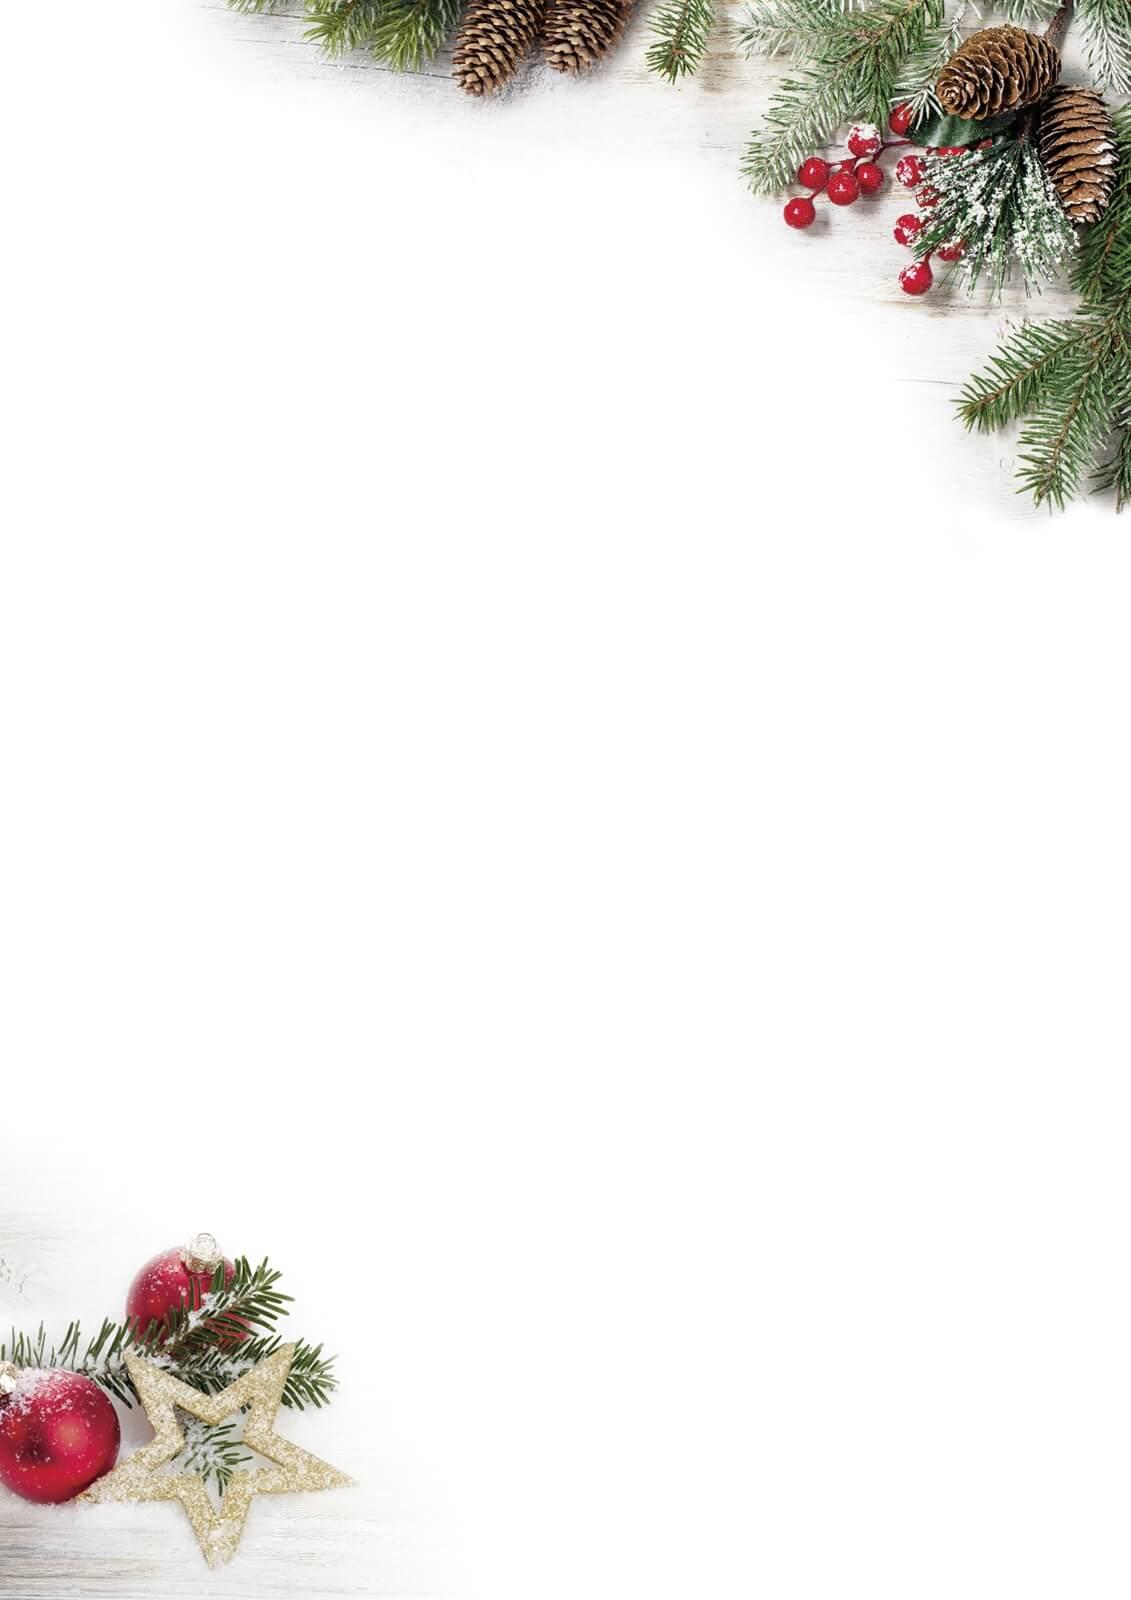 Weihnachtsbrief Avantgarde 1318202